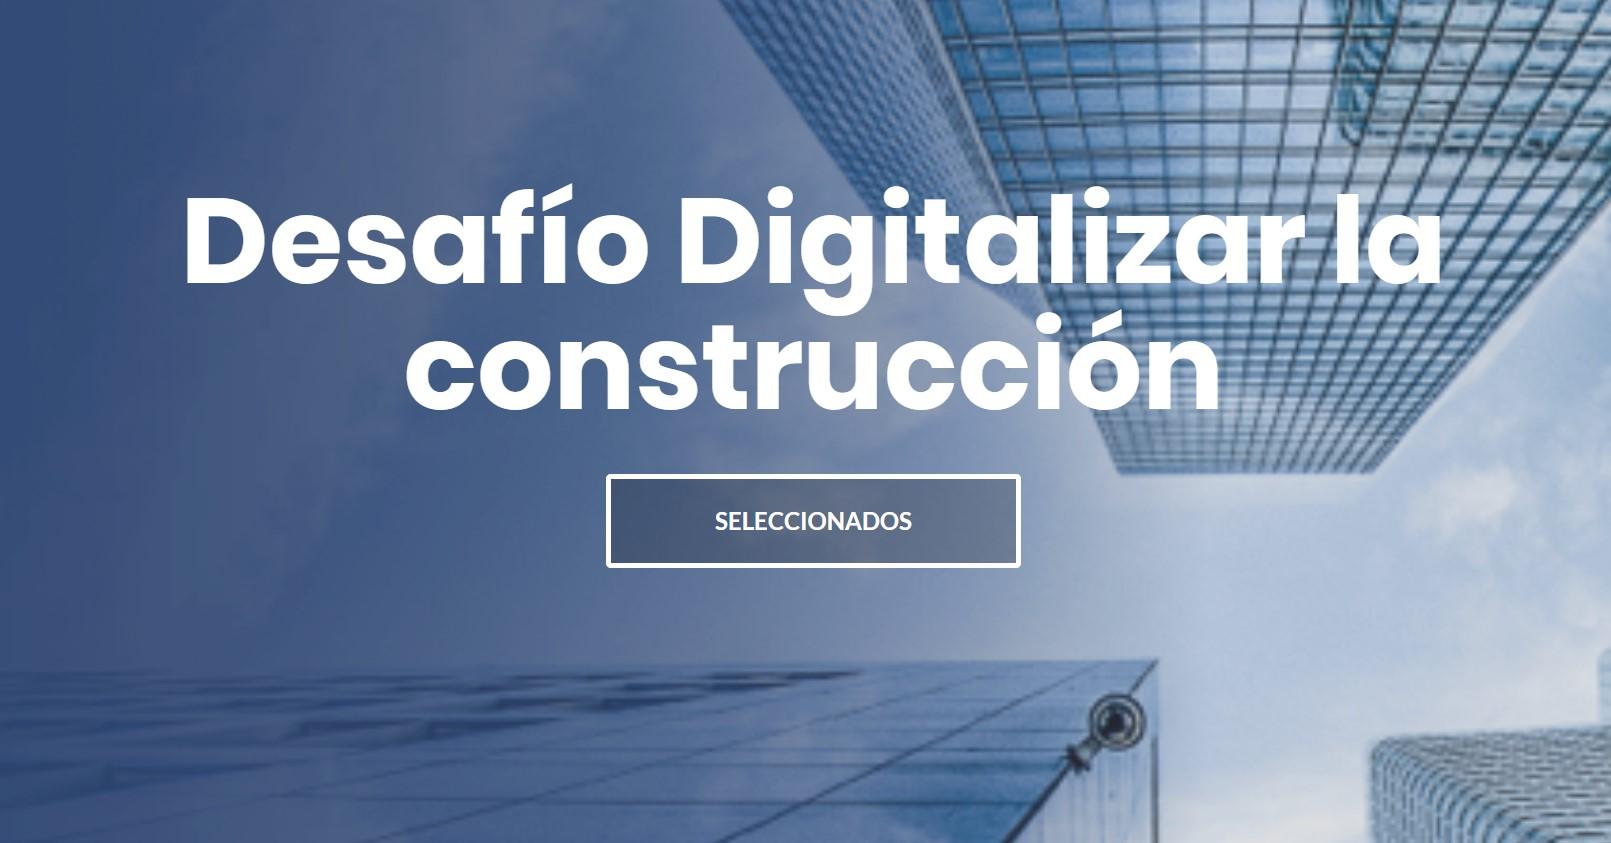 """CIUDATUM seleccionado en desafío """"Digitalizar la Construcción"""""""